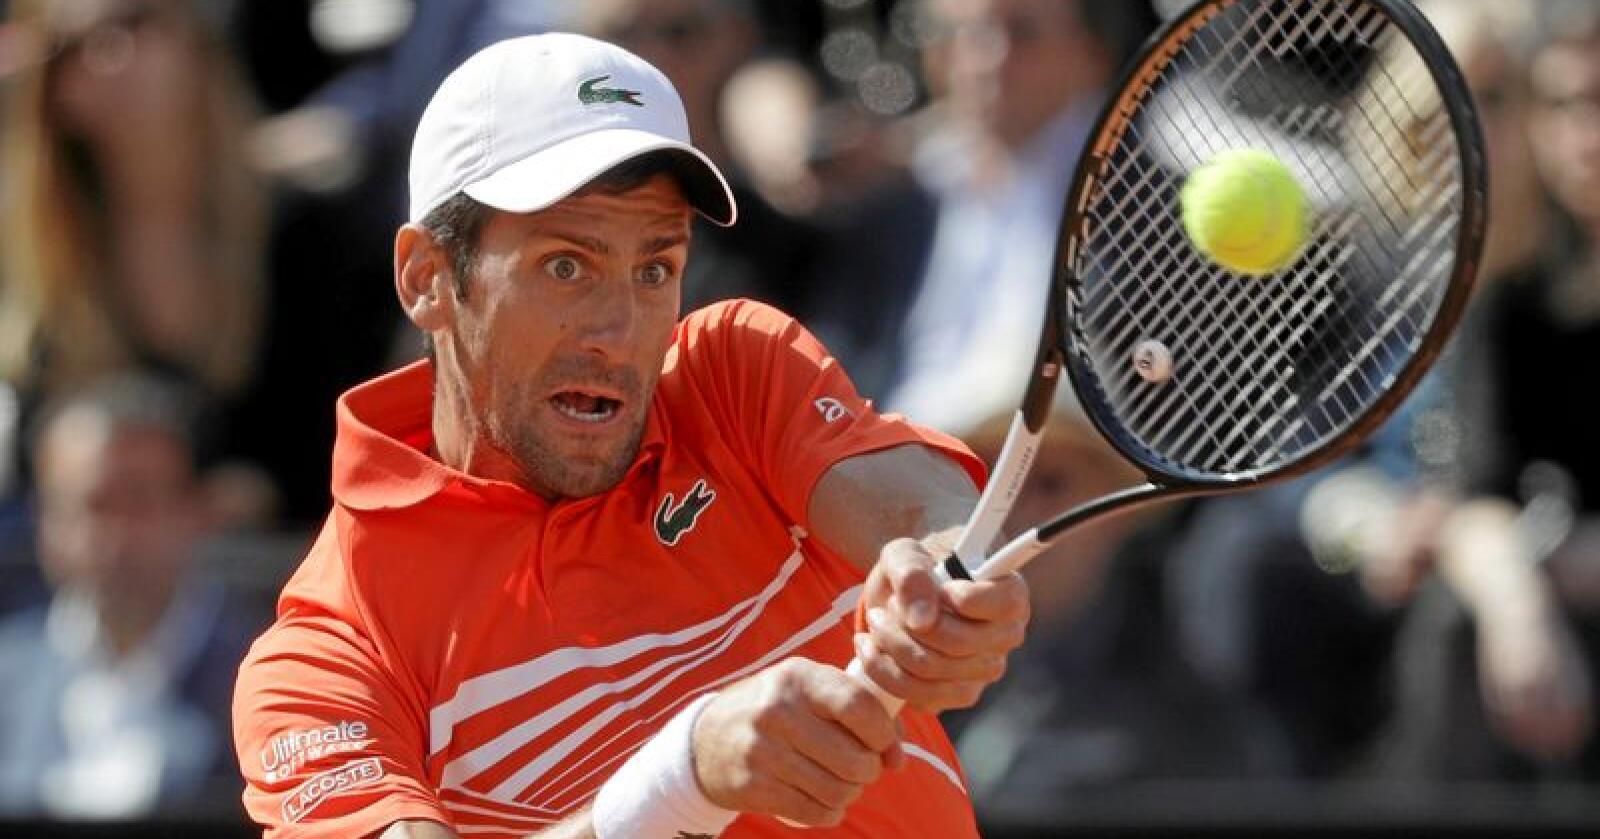 Den serbiske tennisspilleren Novak Djokovic, som er rangert som den beste i verden, har et plantebasert kosthold: Foto: AP Photo / Gregorio Borgia